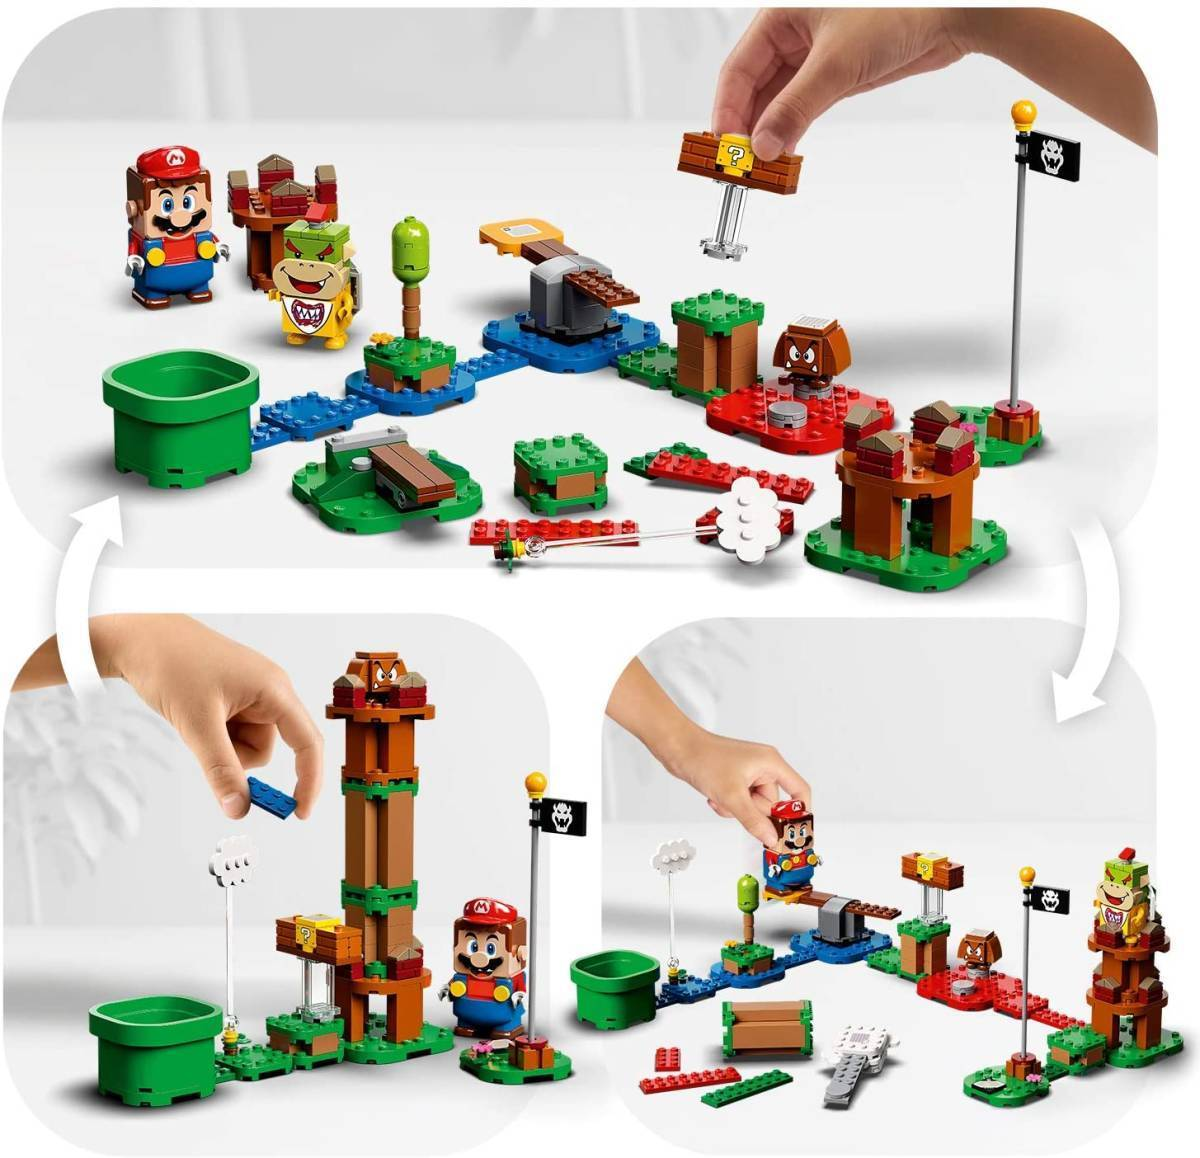 レゴ スーパーマリオ 71360 レゴ(R)マリオ と ぼうけんのはじまり ~ スターターセット LEGO Super Mario_画像5